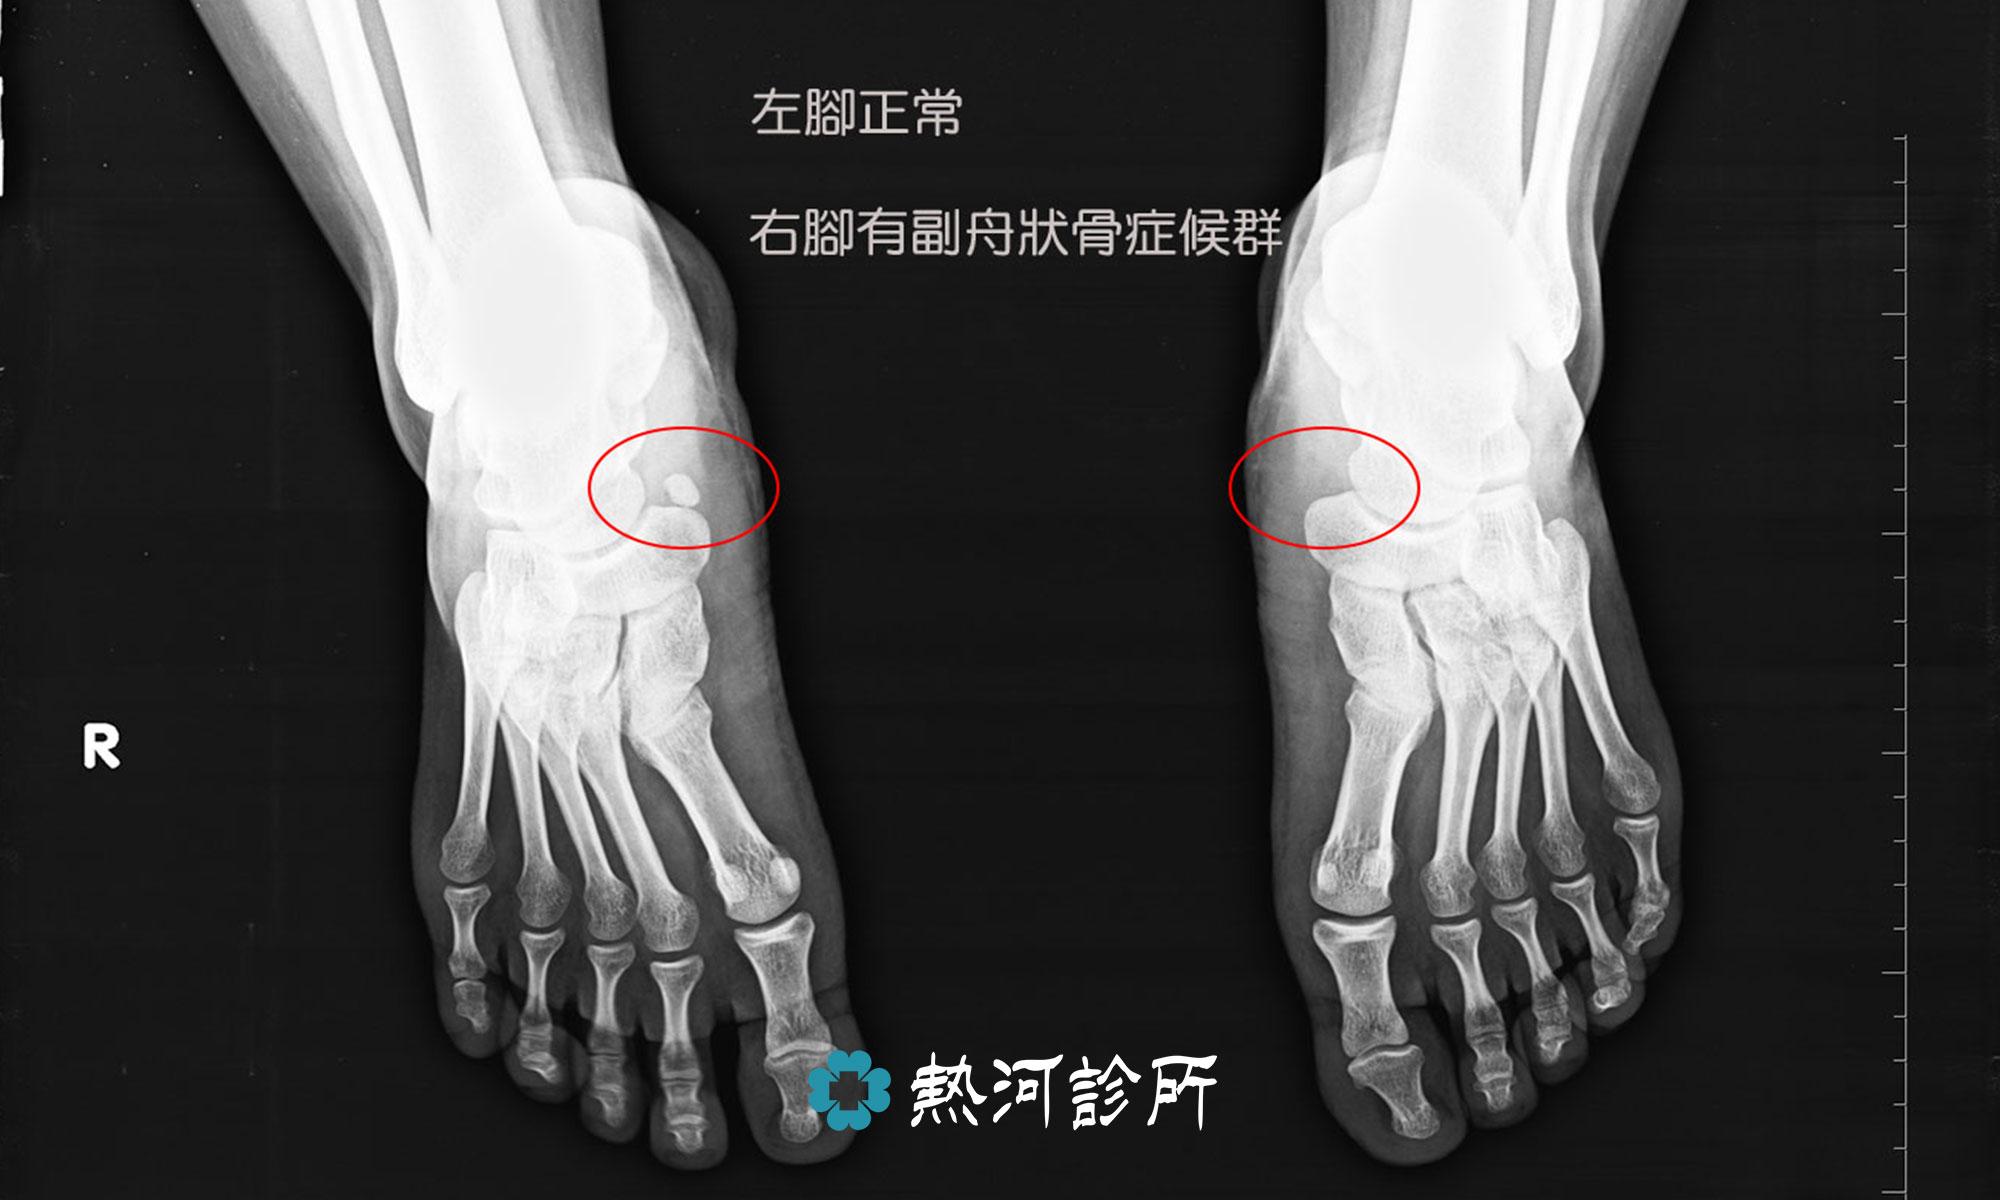 挫傷 治療 骨 【MRI画像あり】骨挫傷とは?症状や診断、治療まとめ!